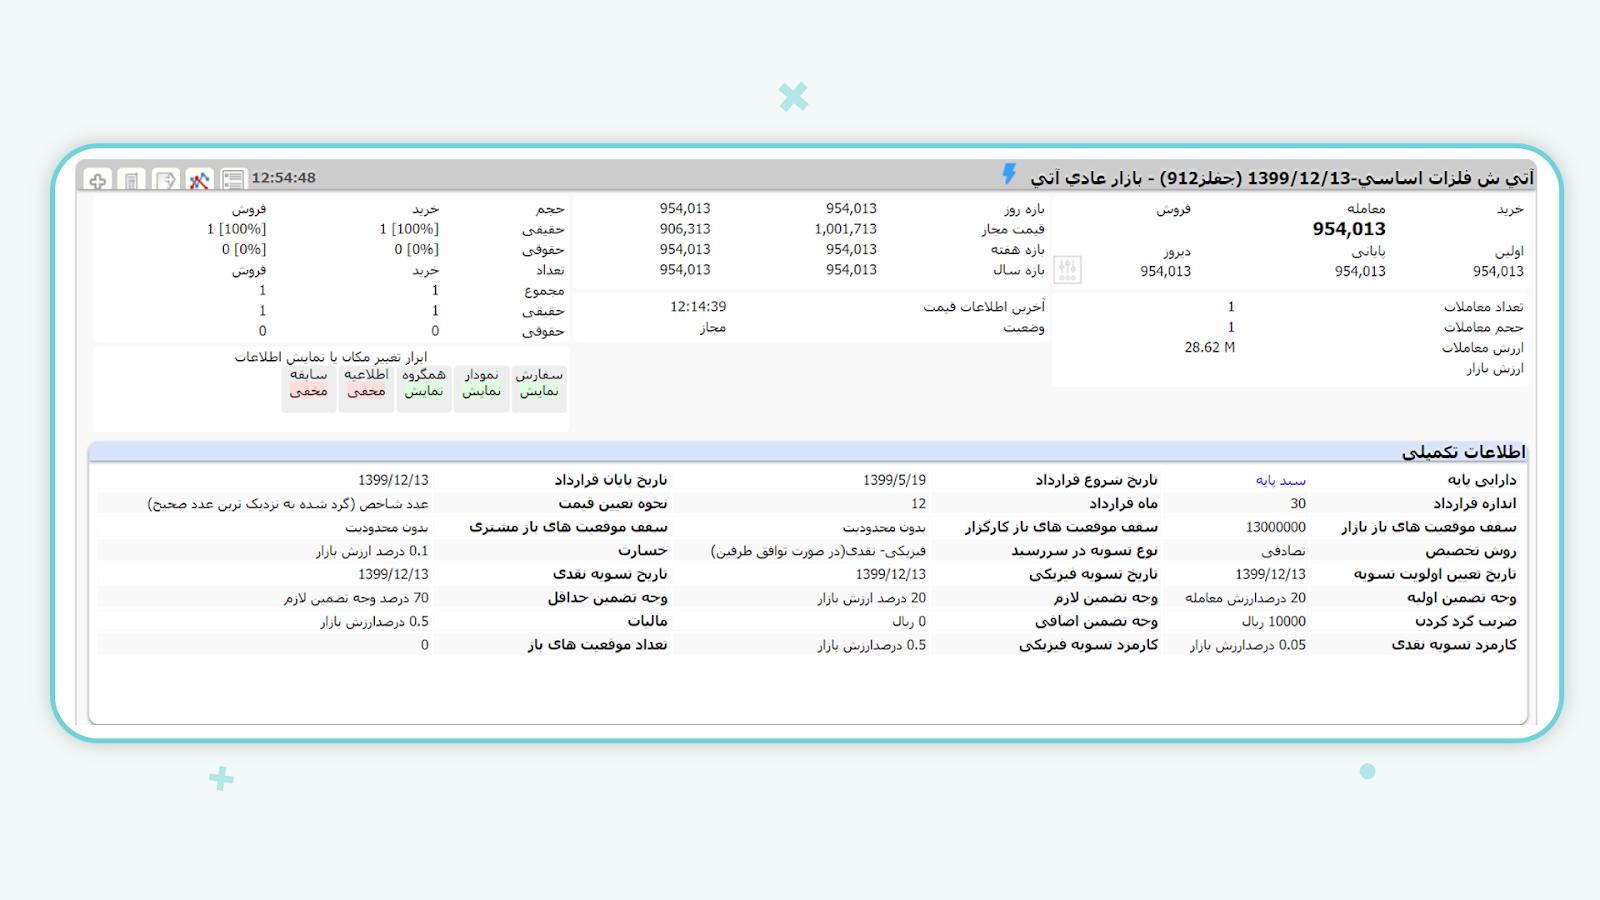 اطلاعات نمادهای آتی tsetmc